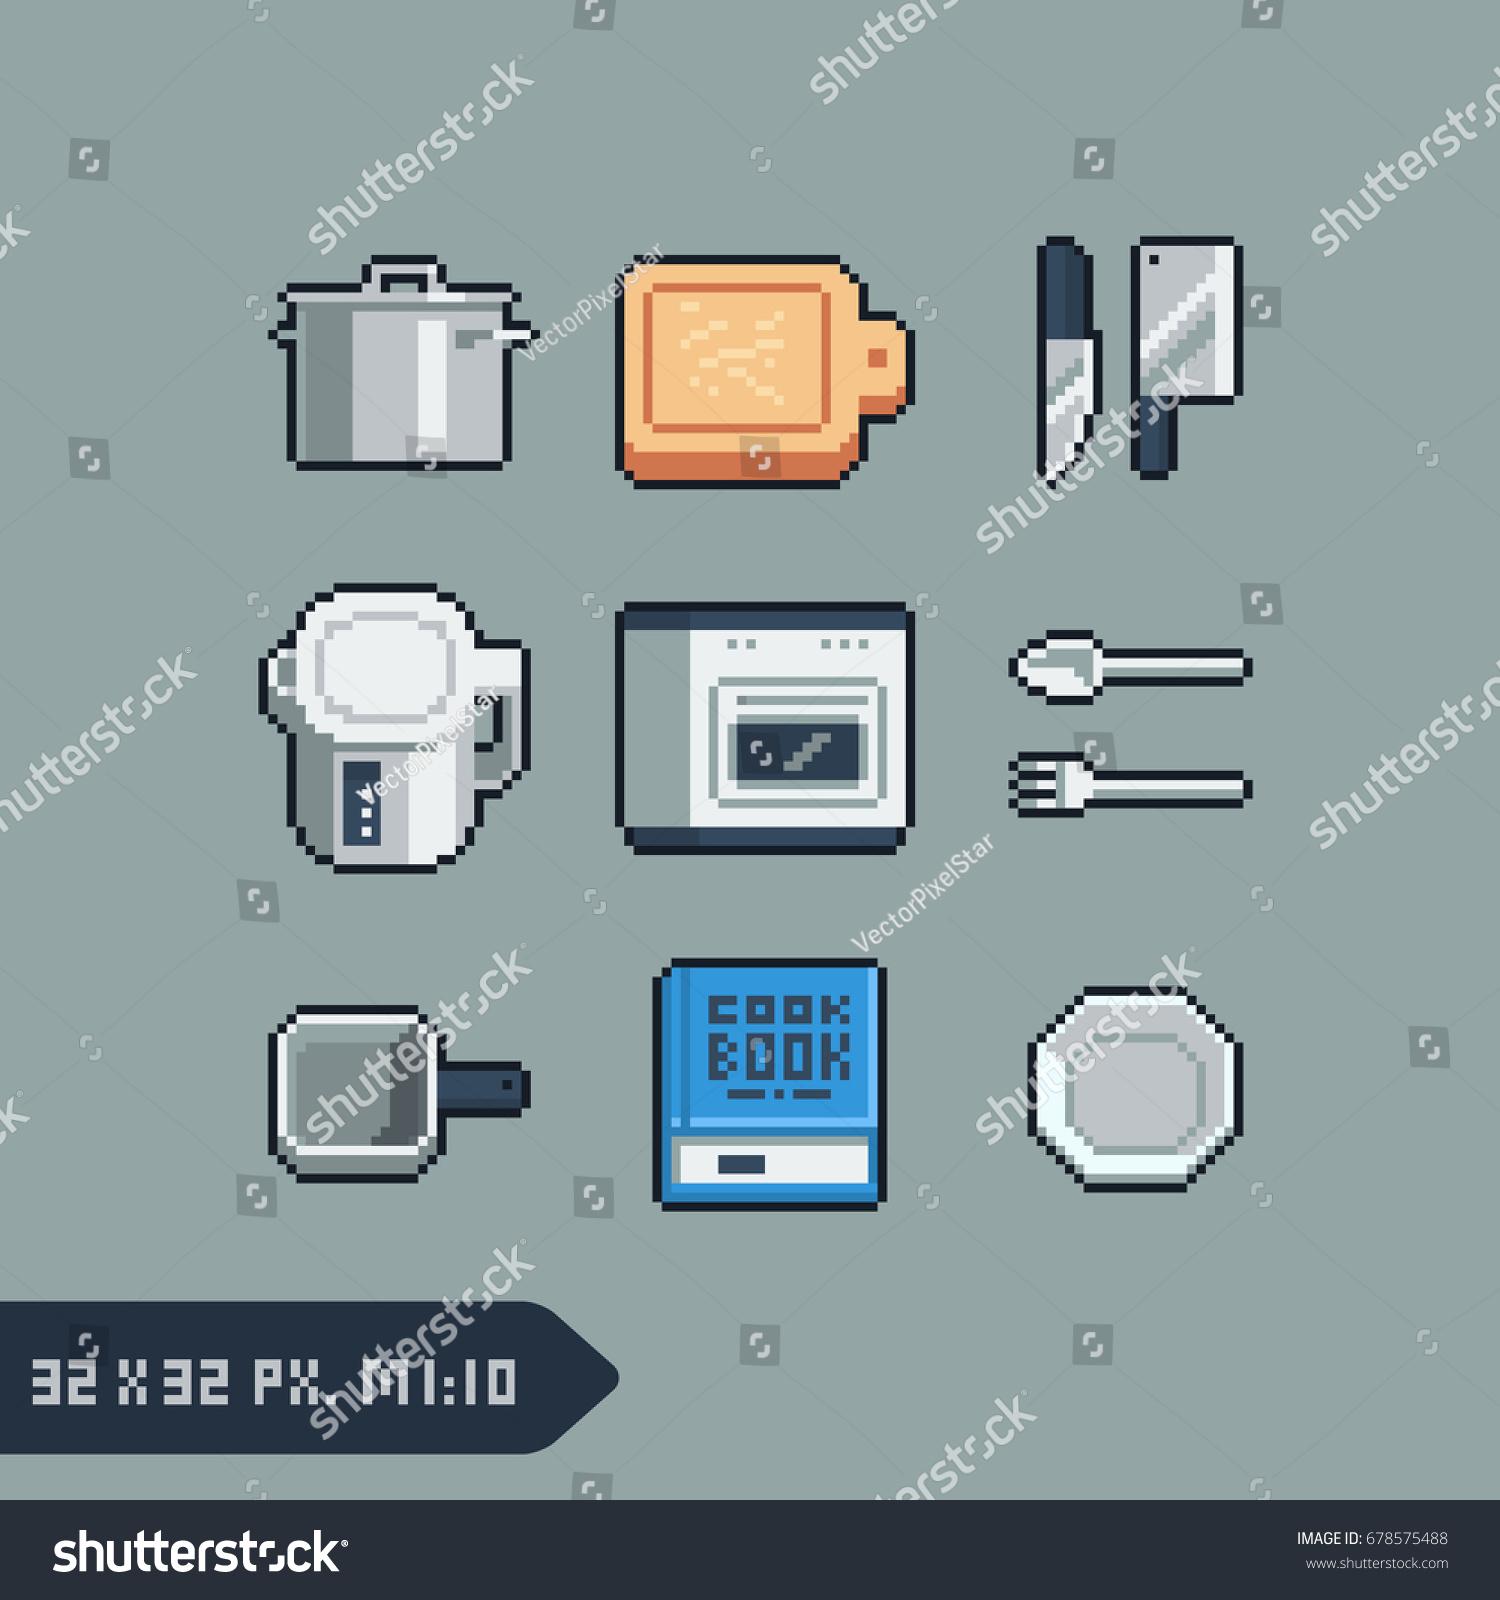 Set Kitchen Utensils Tools Icons Pixel Stock Vector (2018) 678575488 ...